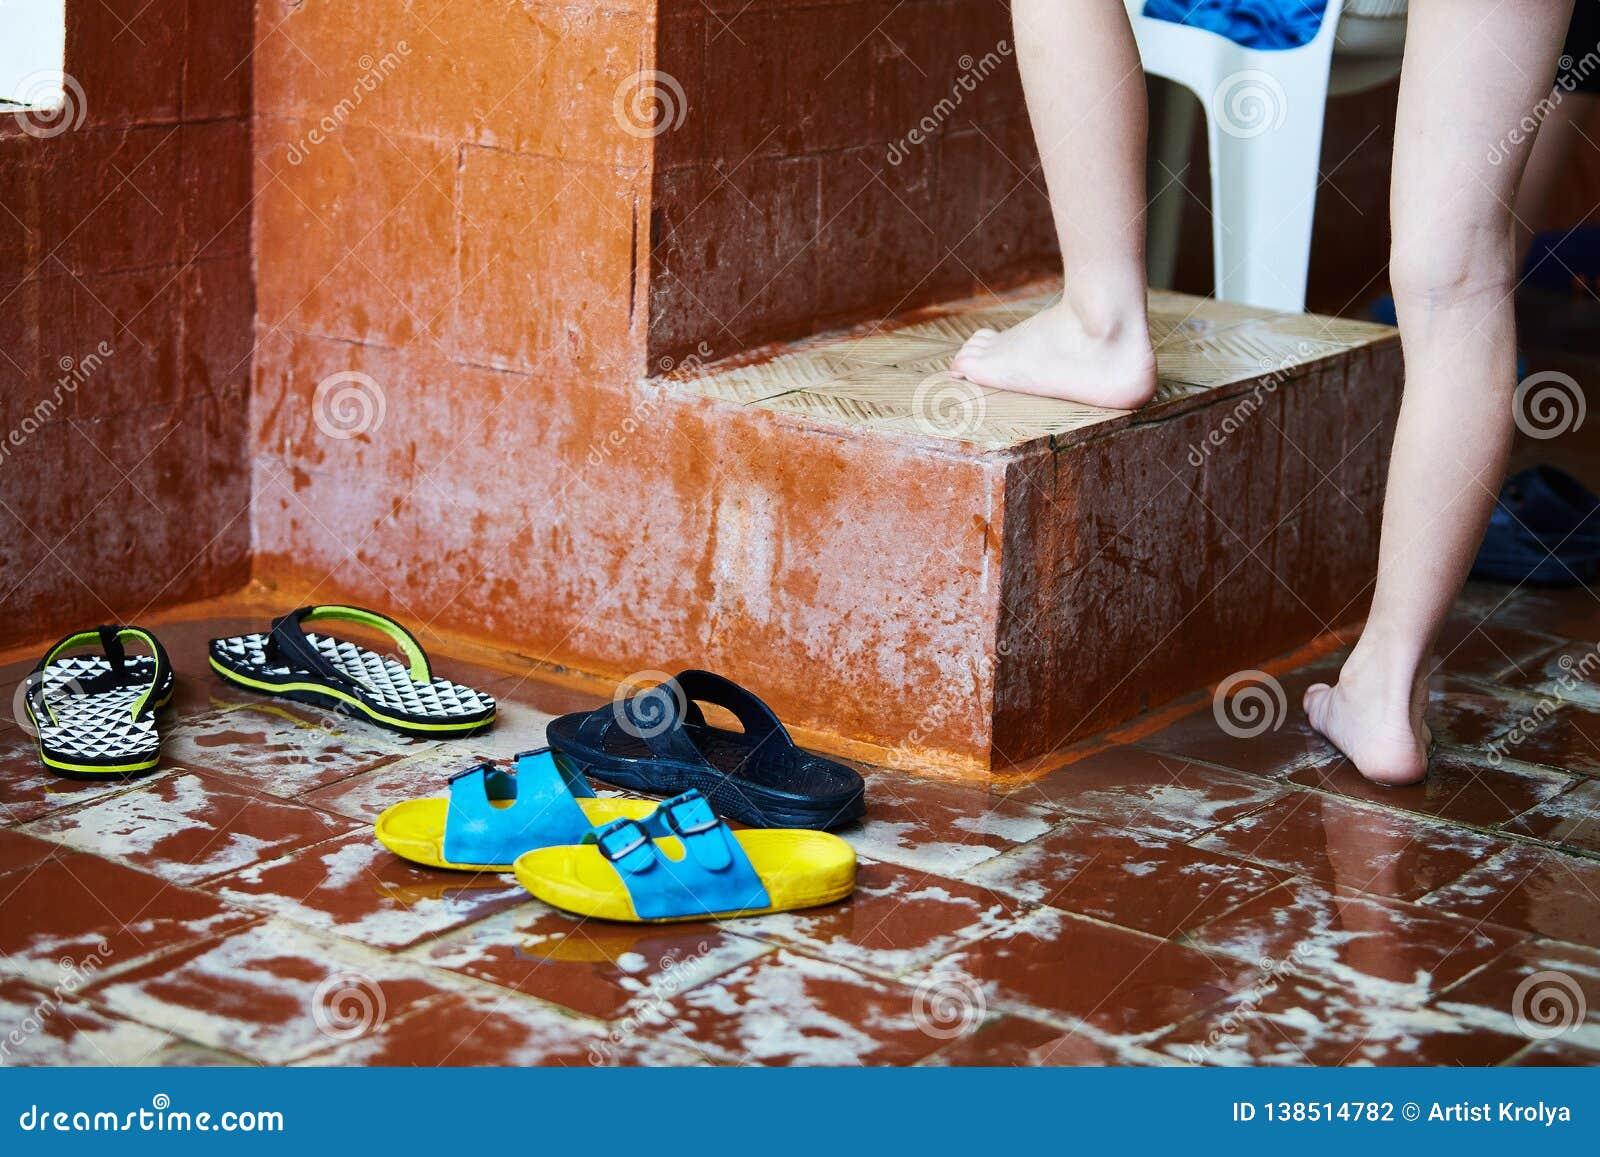 Bambini che nuotano stile libero alla lezione di nuoto